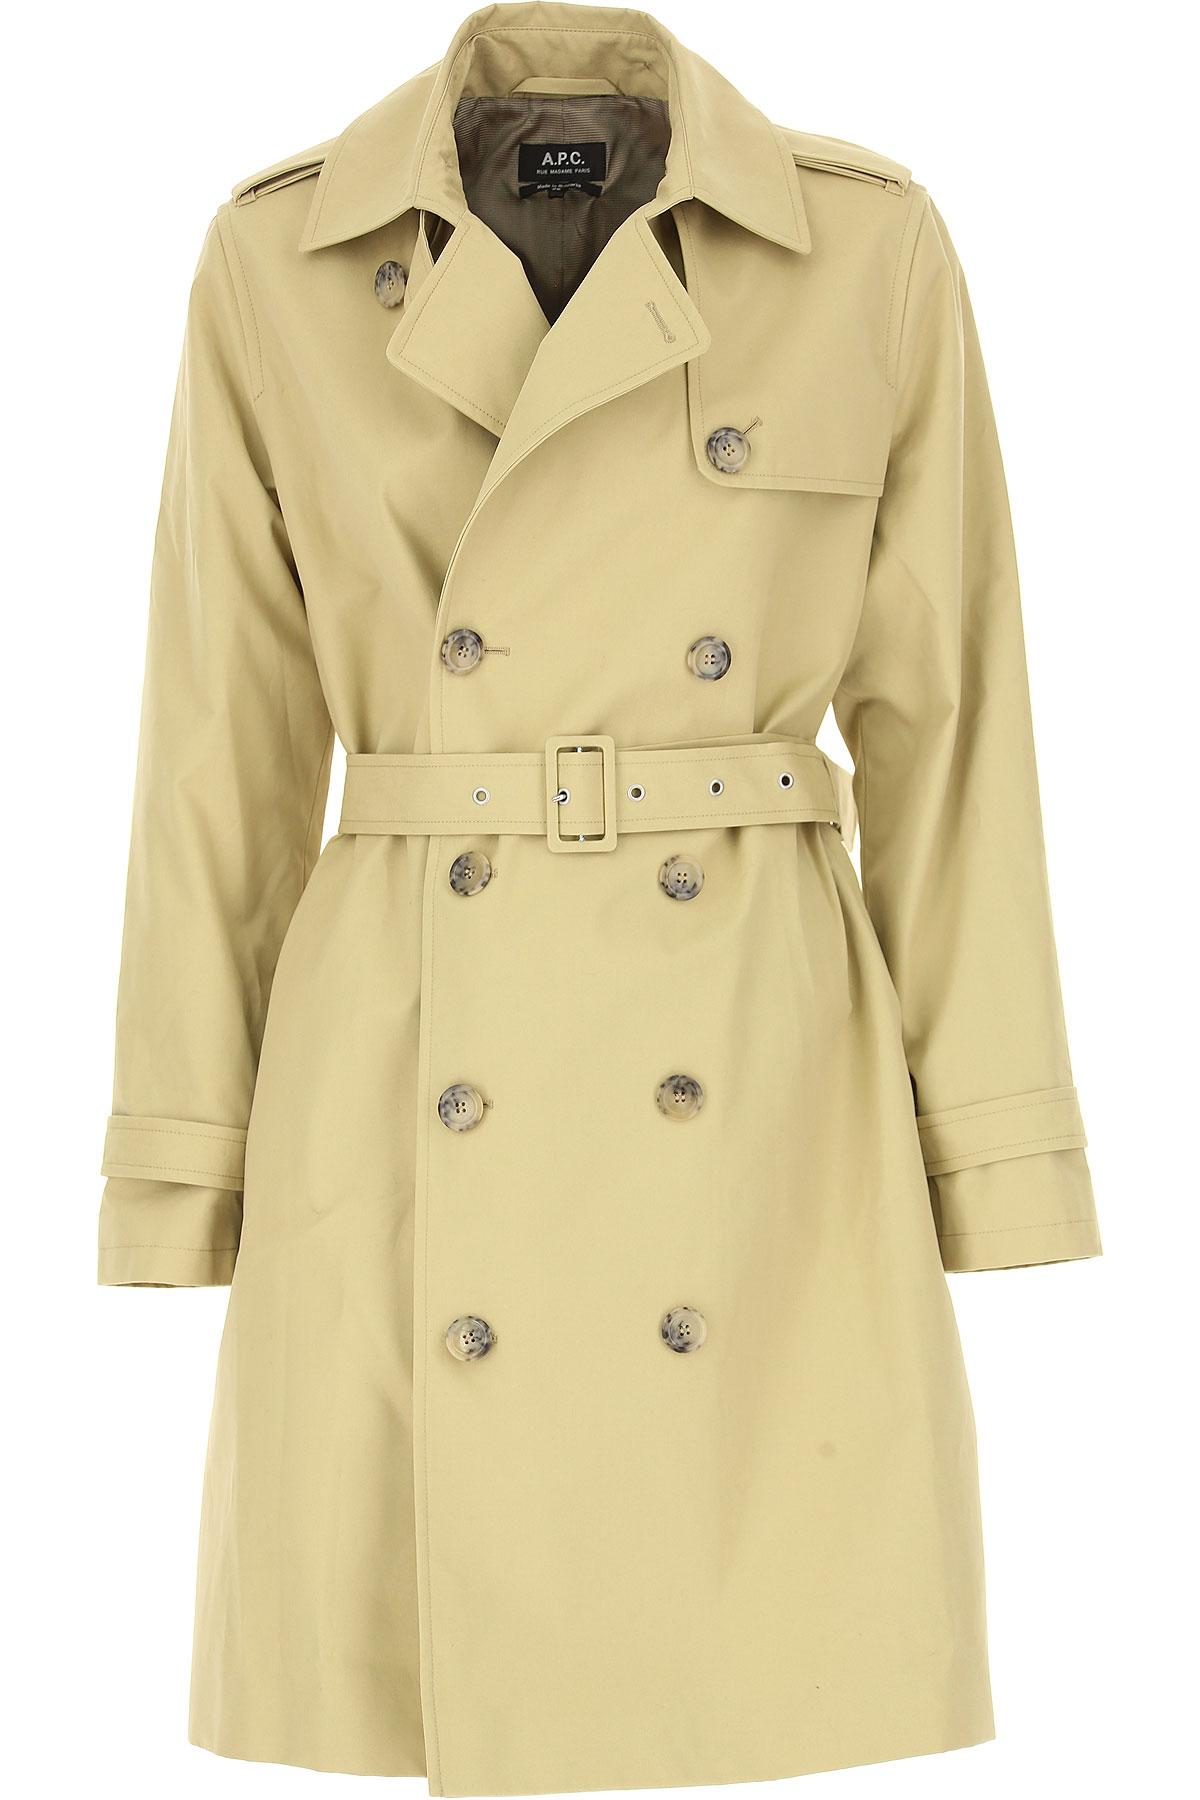 Image of A.P.C Women\'s Coat, Beige, Cotton, 2017, 2 4